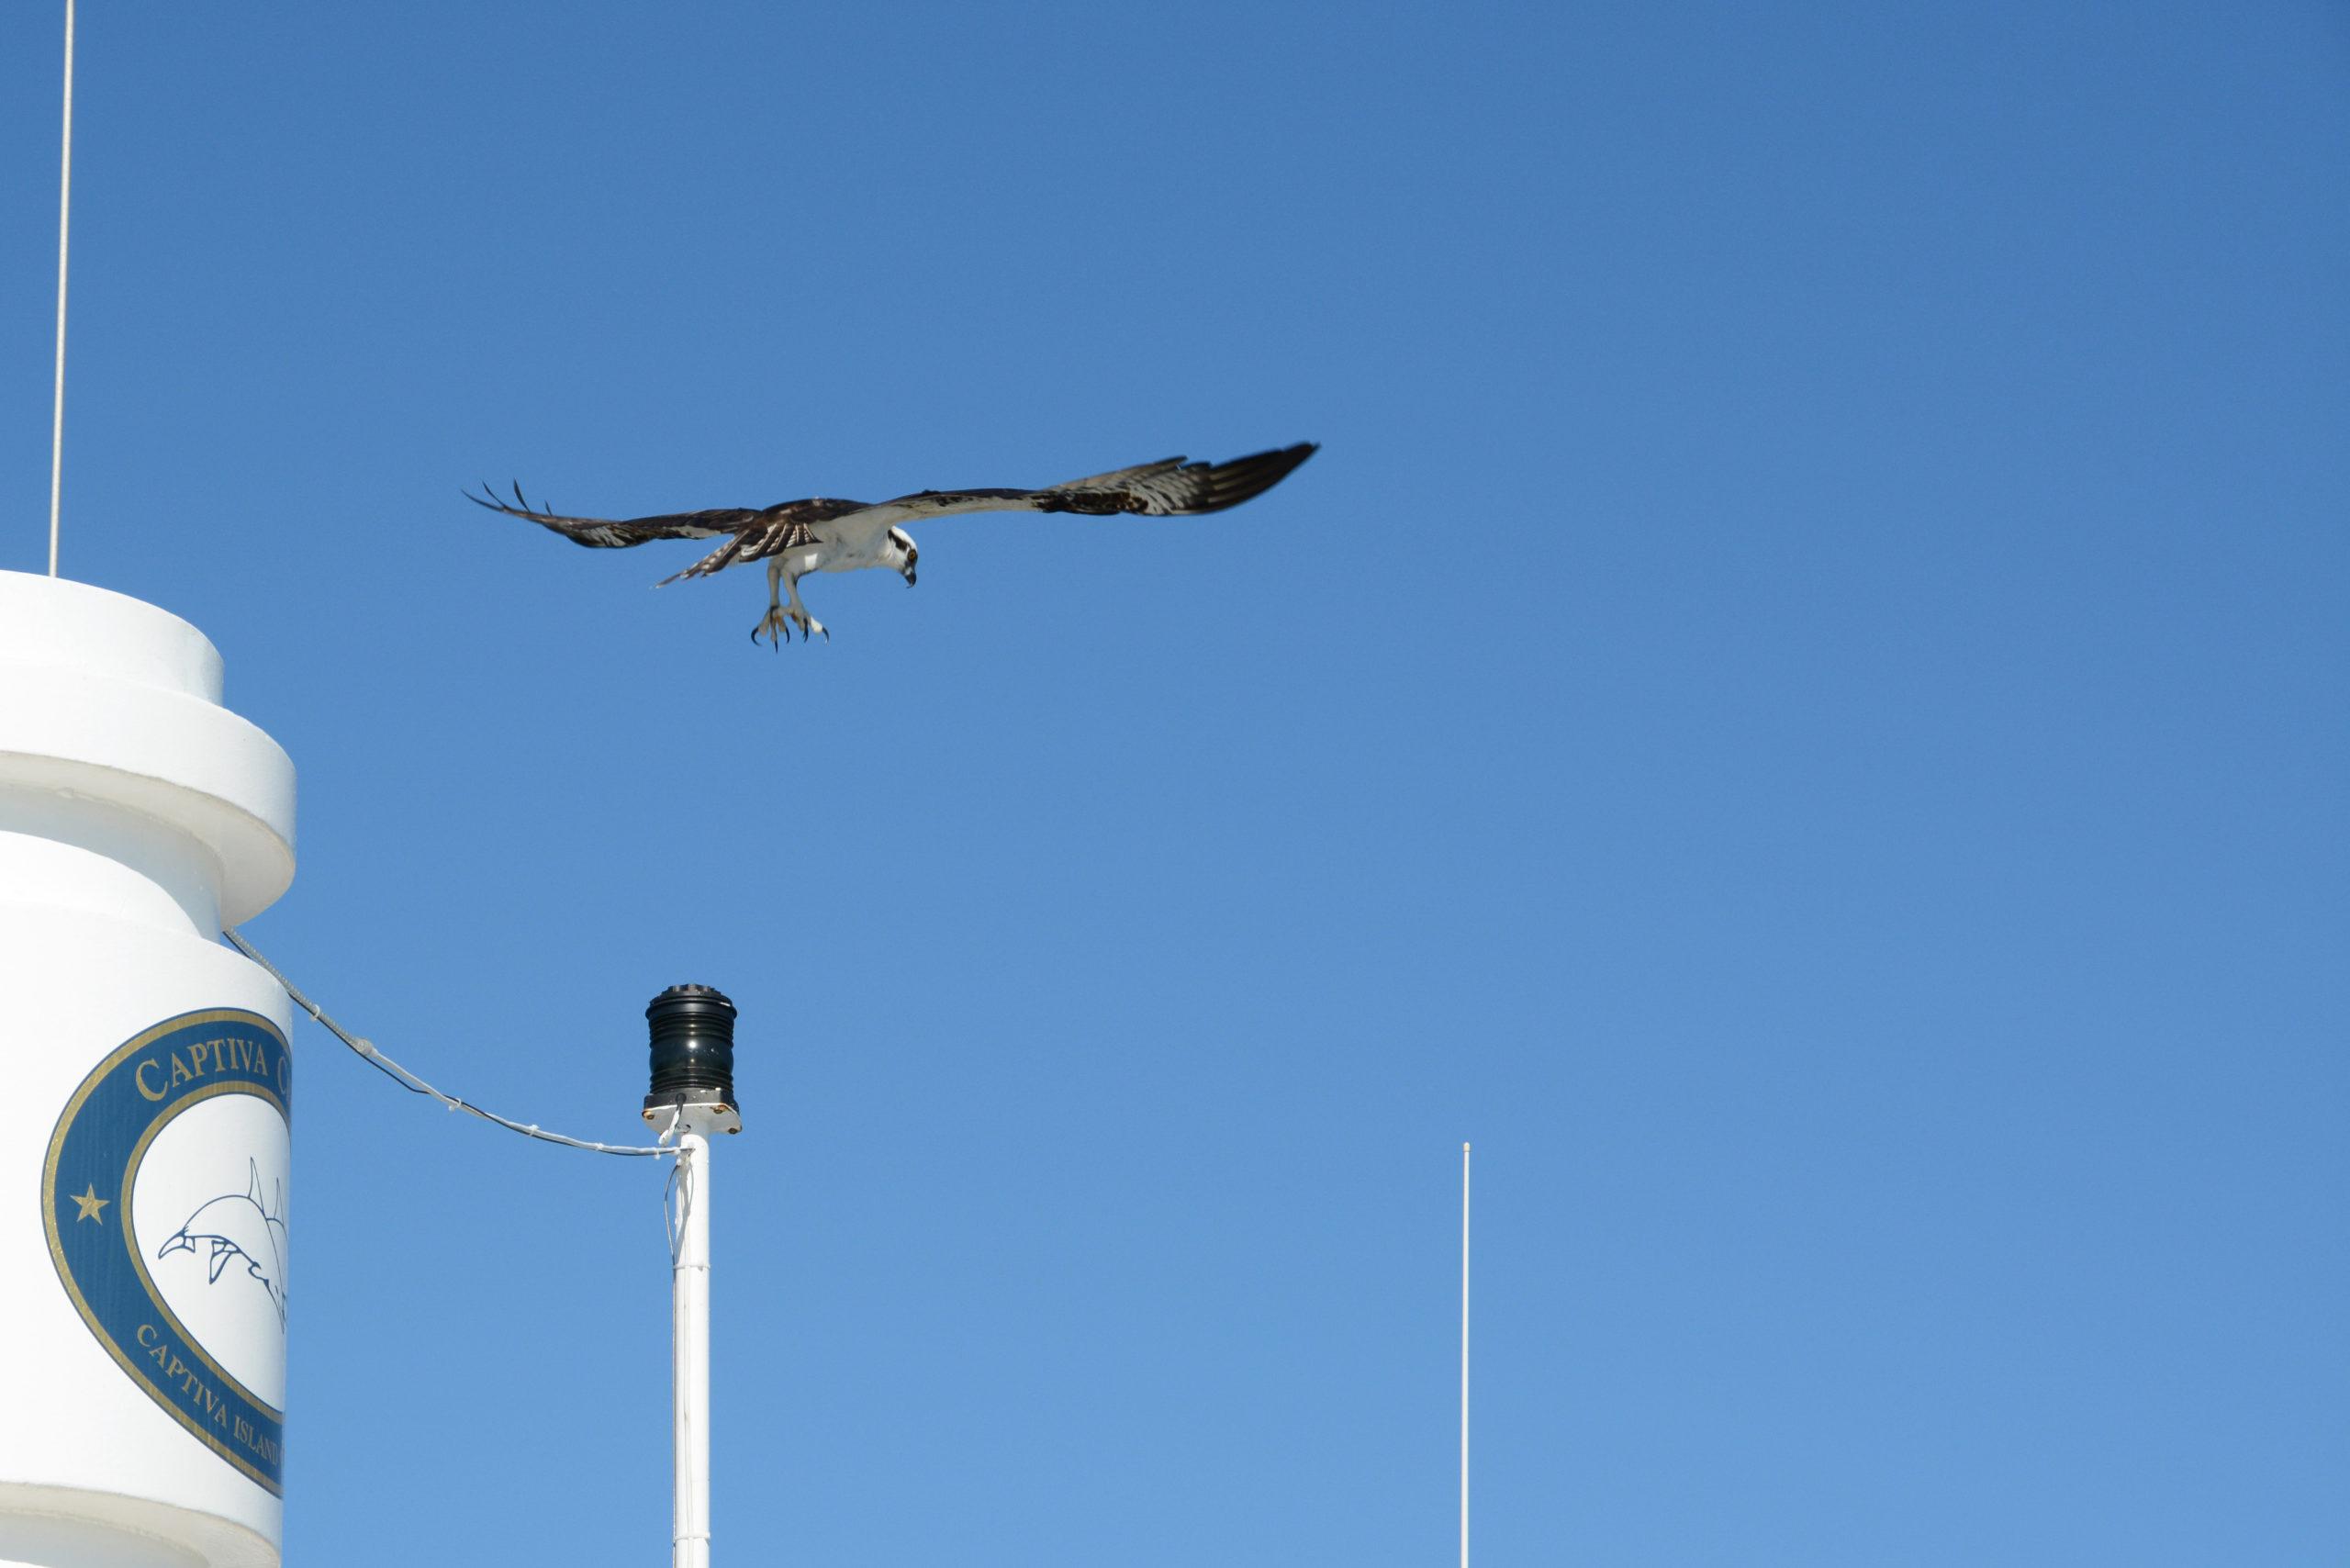 Anflug eines Seeadlers auf ein Boot von Captiva Cruises in Florida